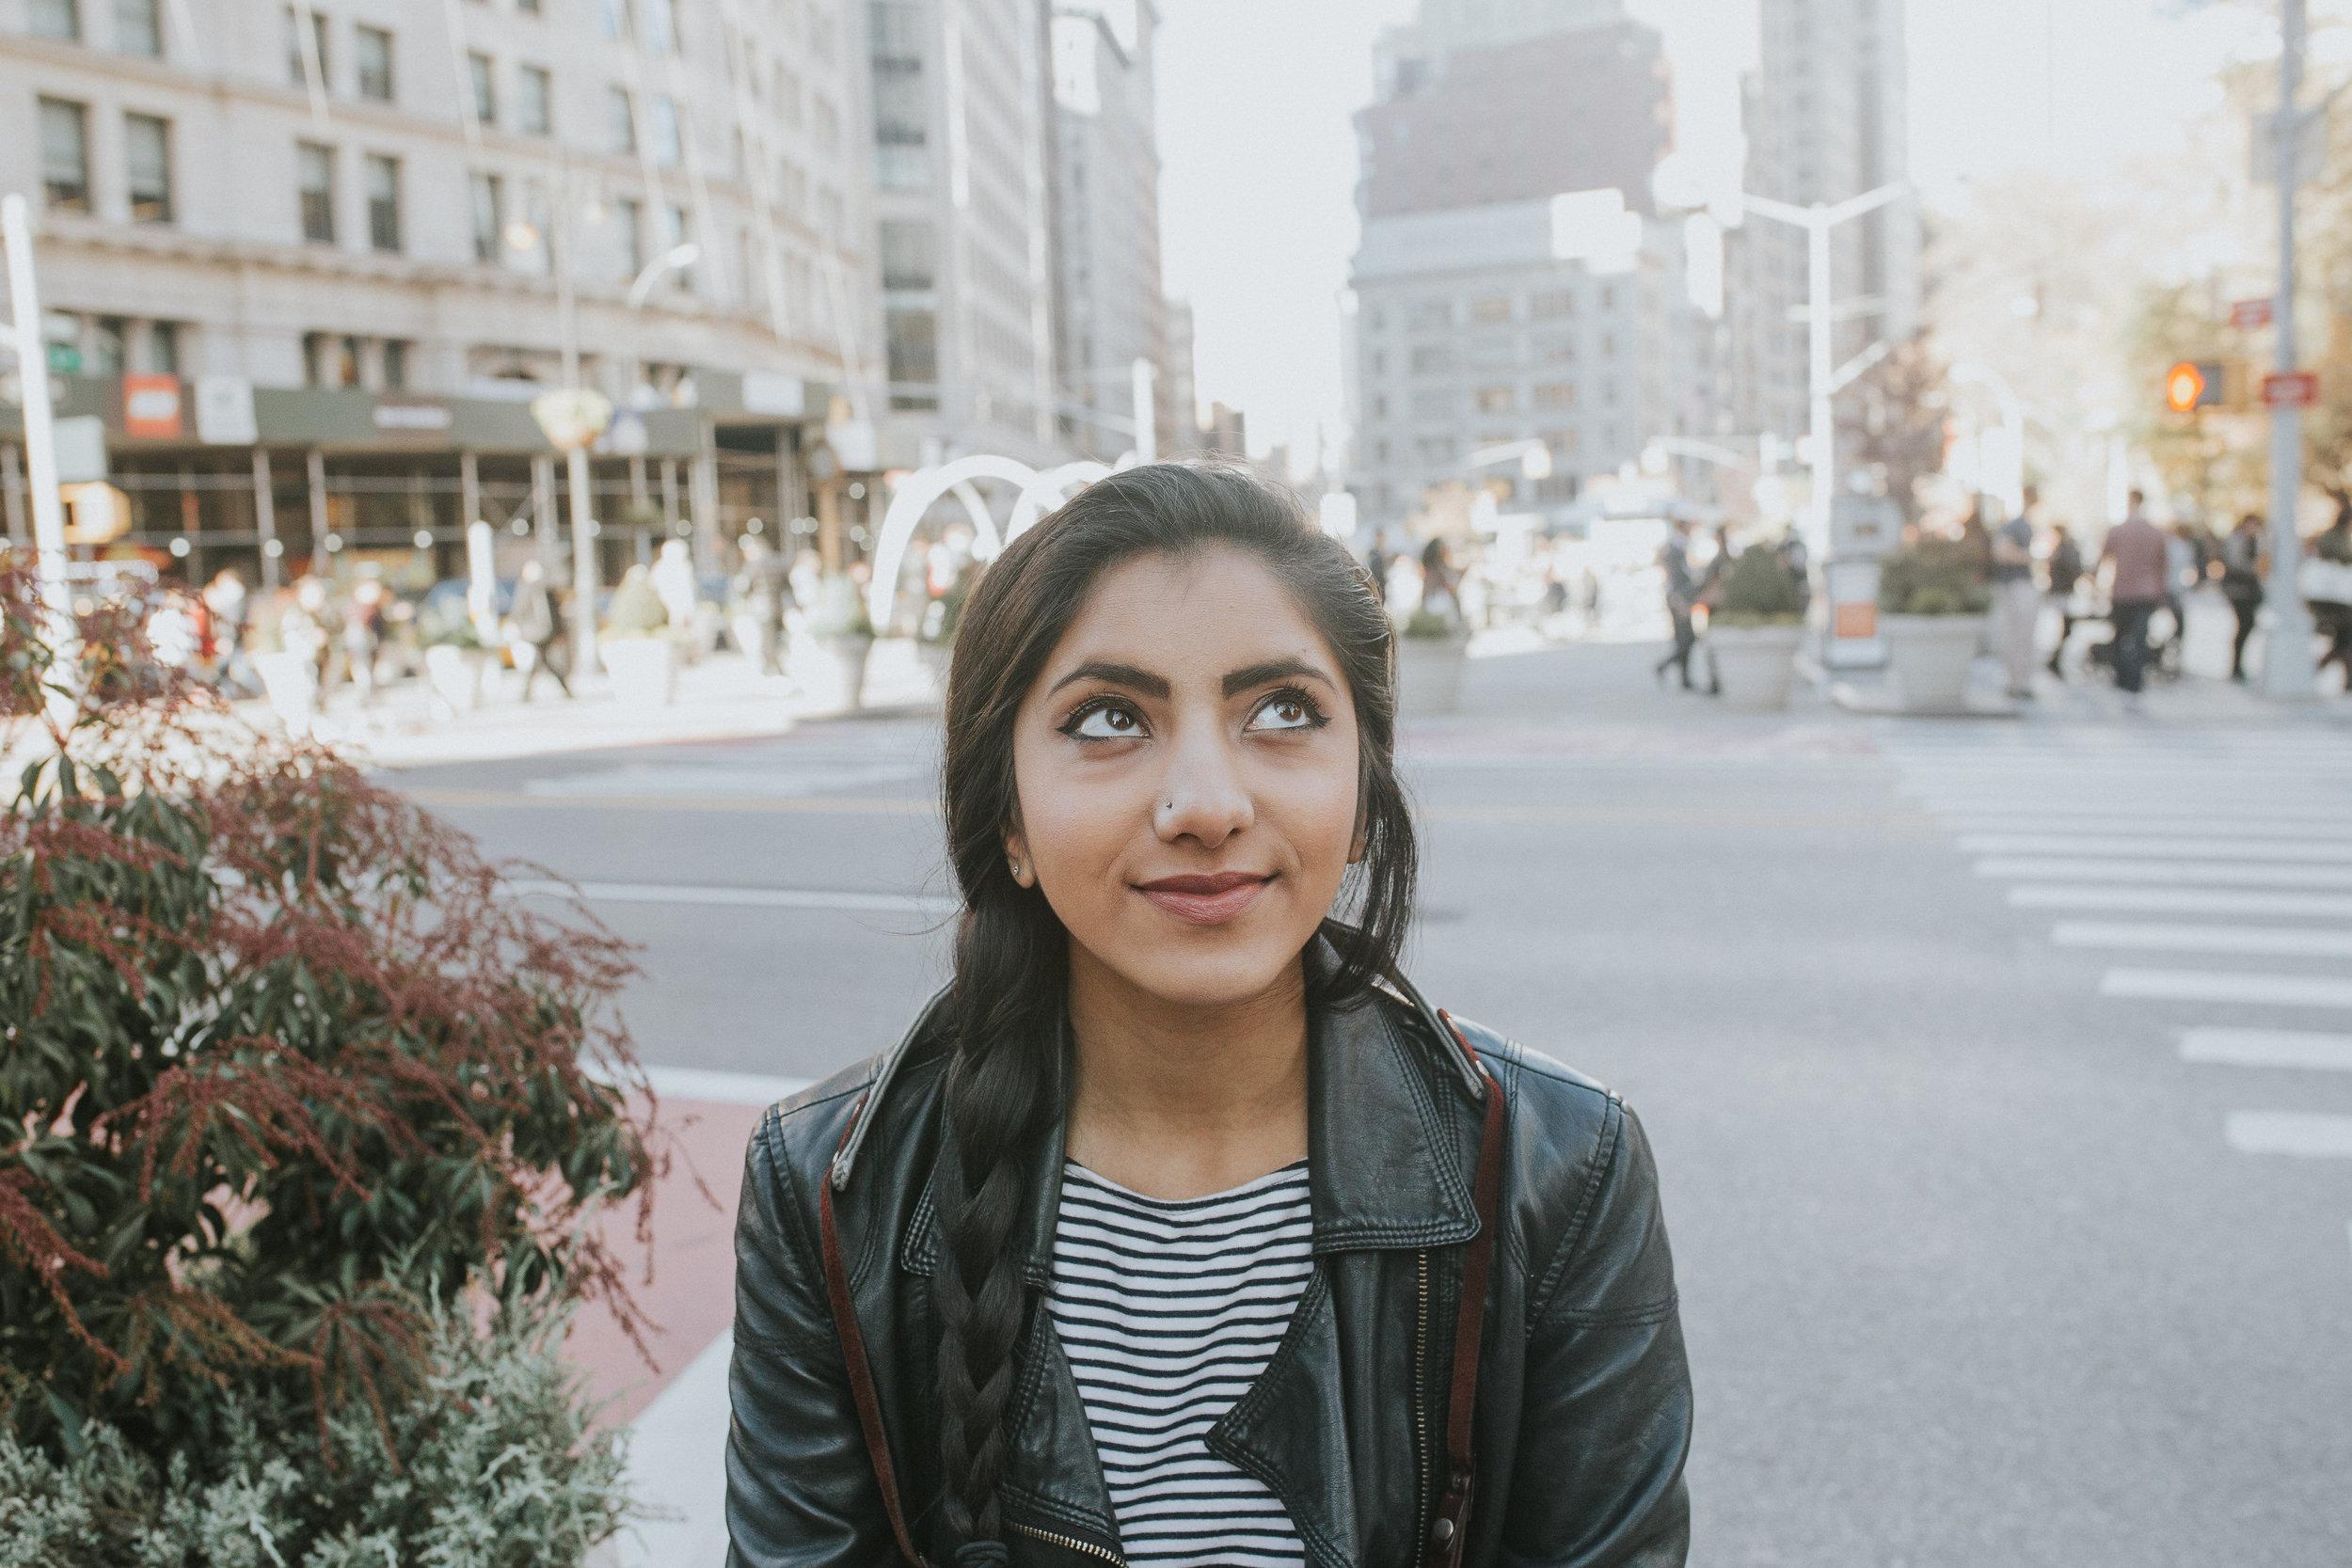 ZafiAhmedFashionBloggerNYCLululemonsweatscausaloutfitootdnewyorklifestylephotographerbrooklyn-12.jpg